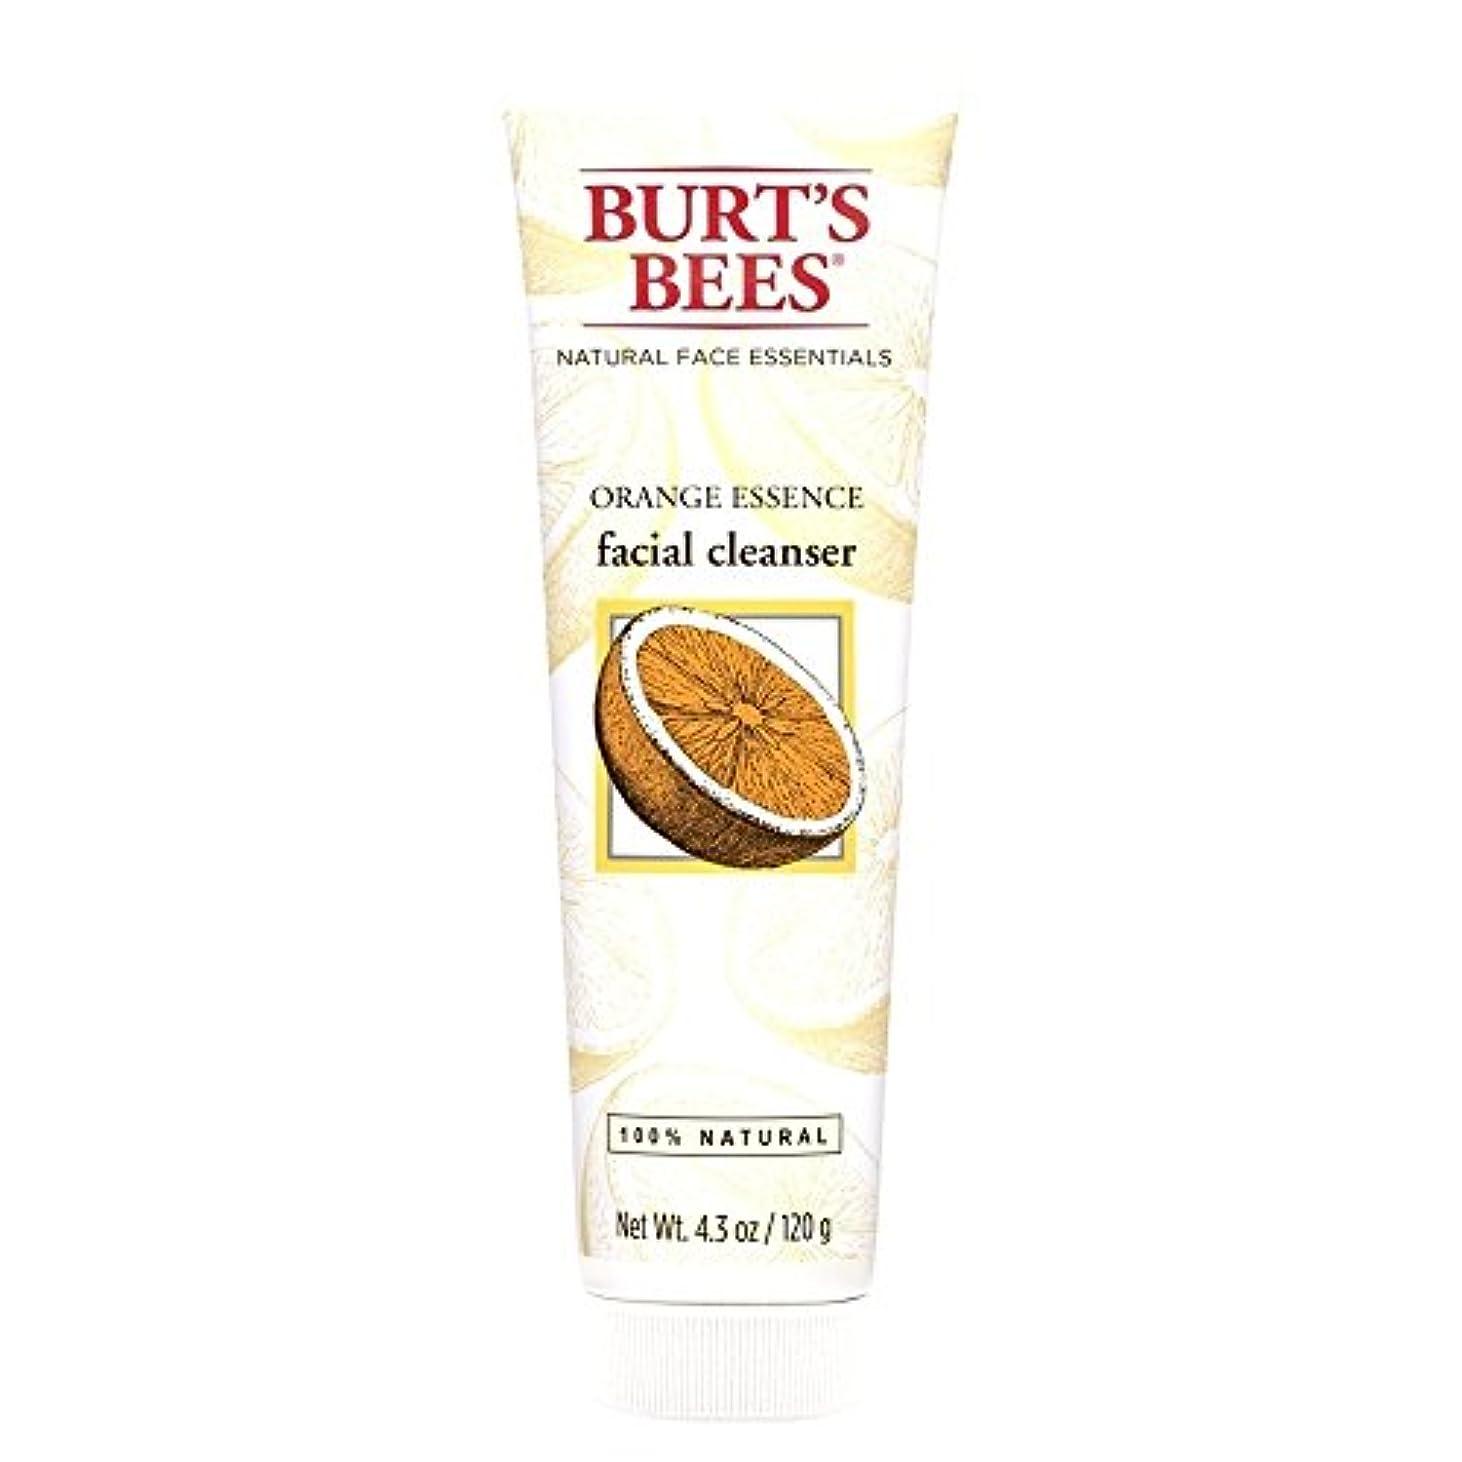 電話をかけるランドマークマウントバーツビーオレンジエッセンス洗顔料、125グラム (Burt's Bees) (x2) - Burt's Bees Orange Essence Facial Cleanser, 125g (Pack of 2) [並行輸入品]